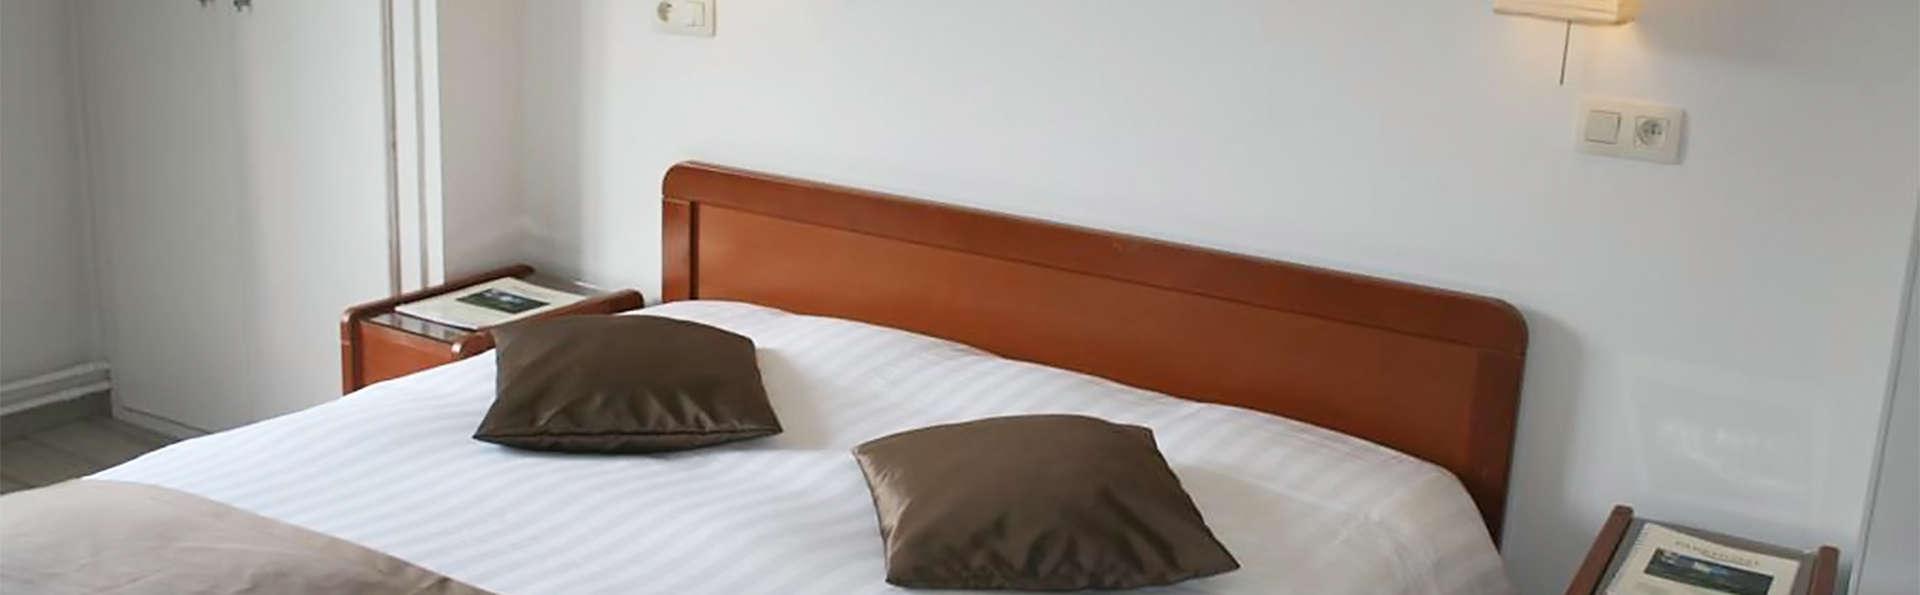 Parkhotel ( de Panne ) - EDIT_room8.jpg